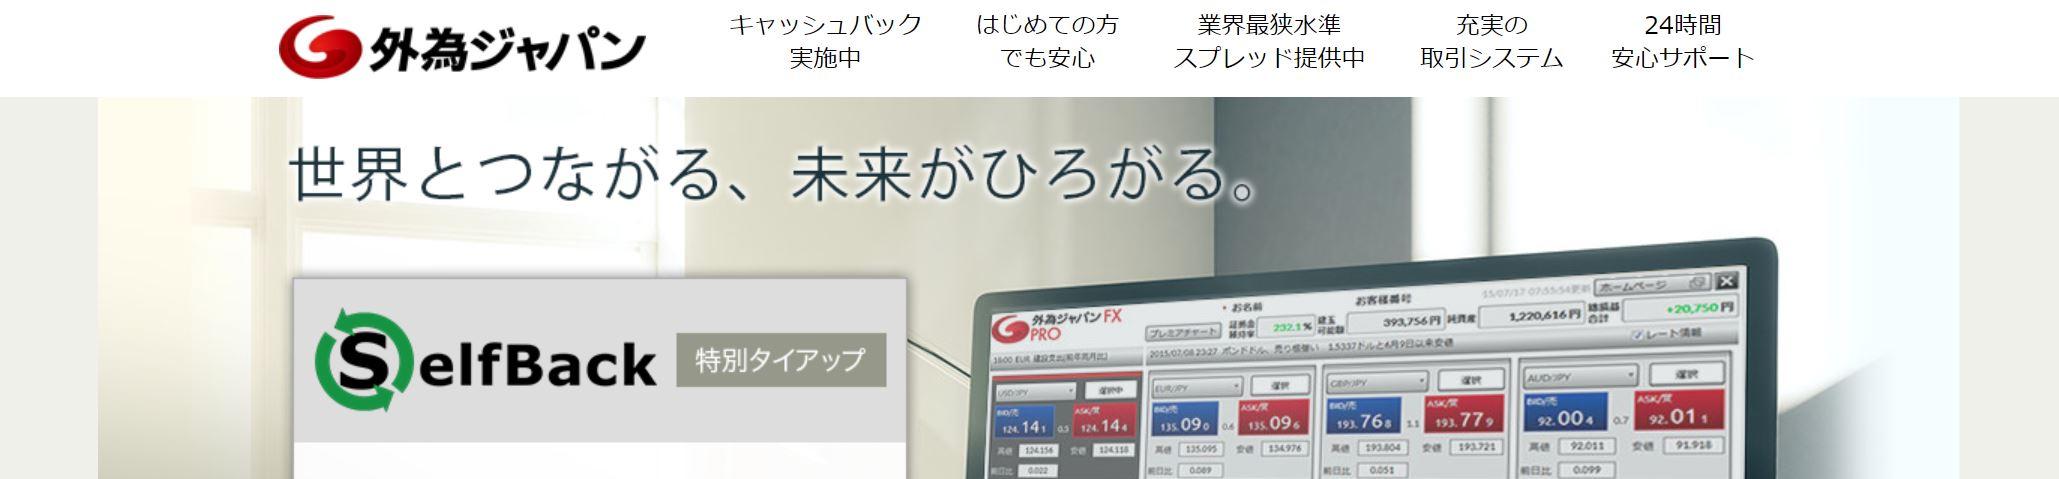 外為ジャパンのセルフバック画面